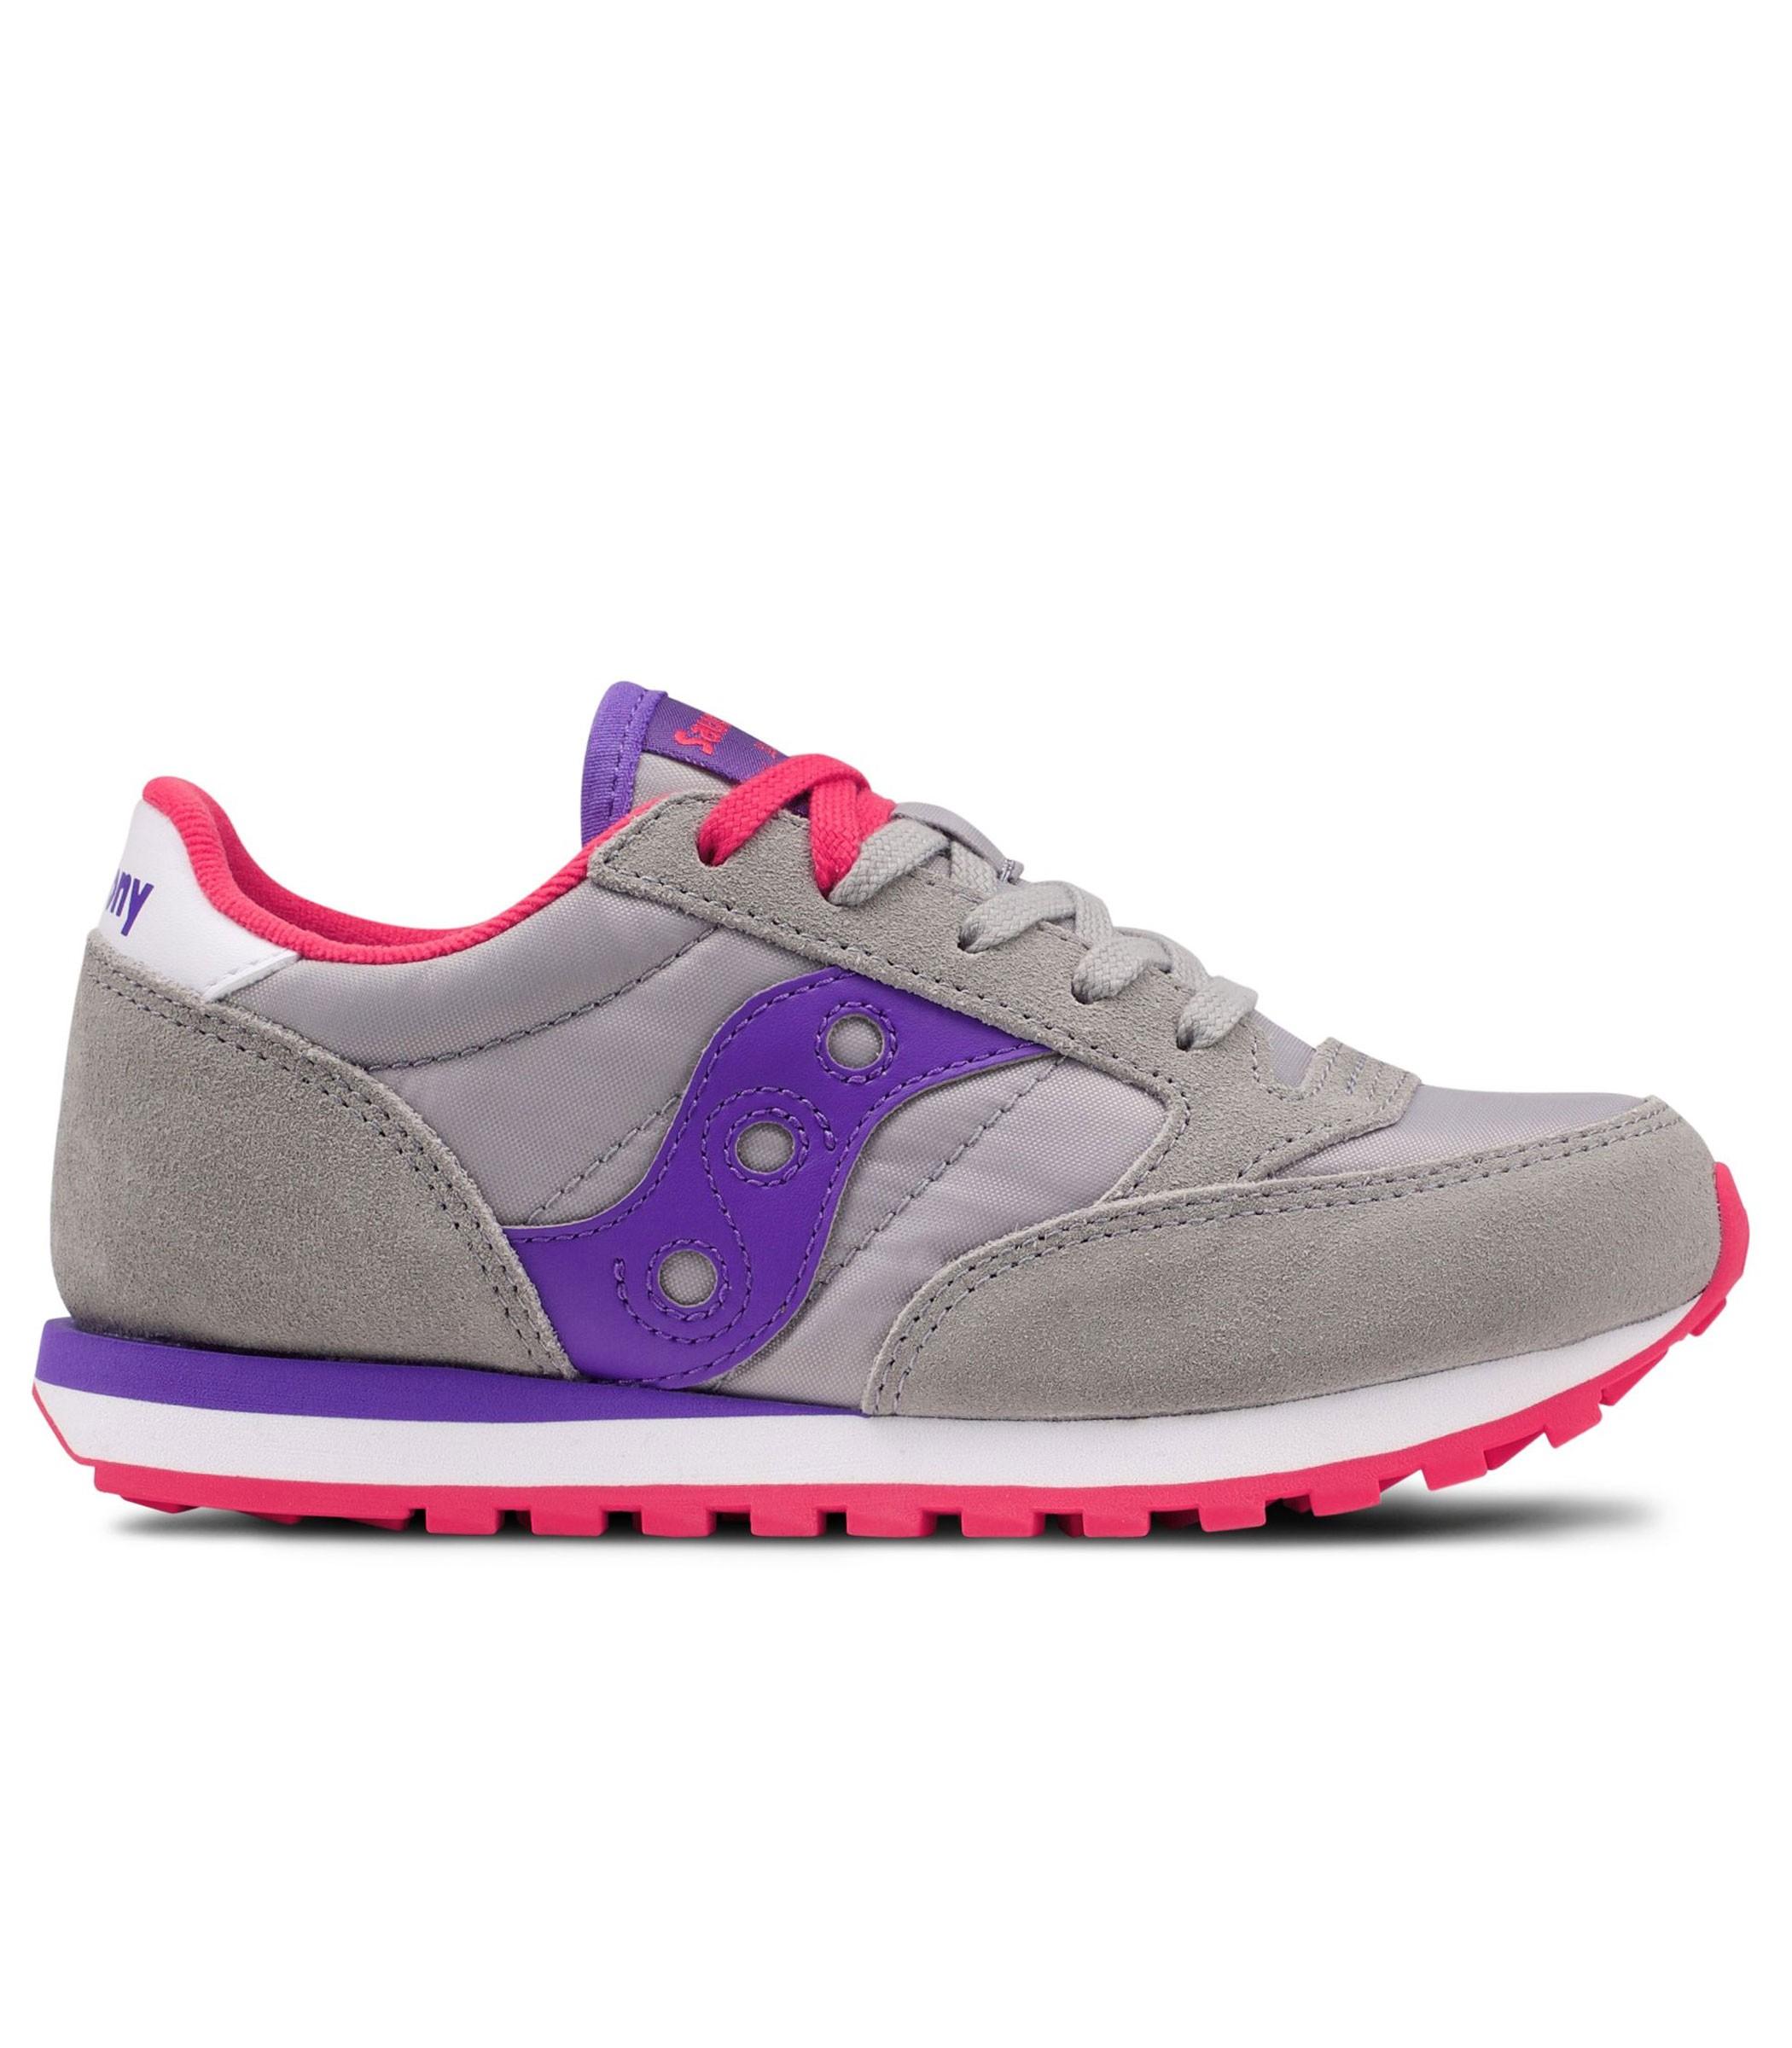 faa8b57012a9 Scarpe Saucony Jazz Original Grey Purple Young Unisex rif. SK159612Y